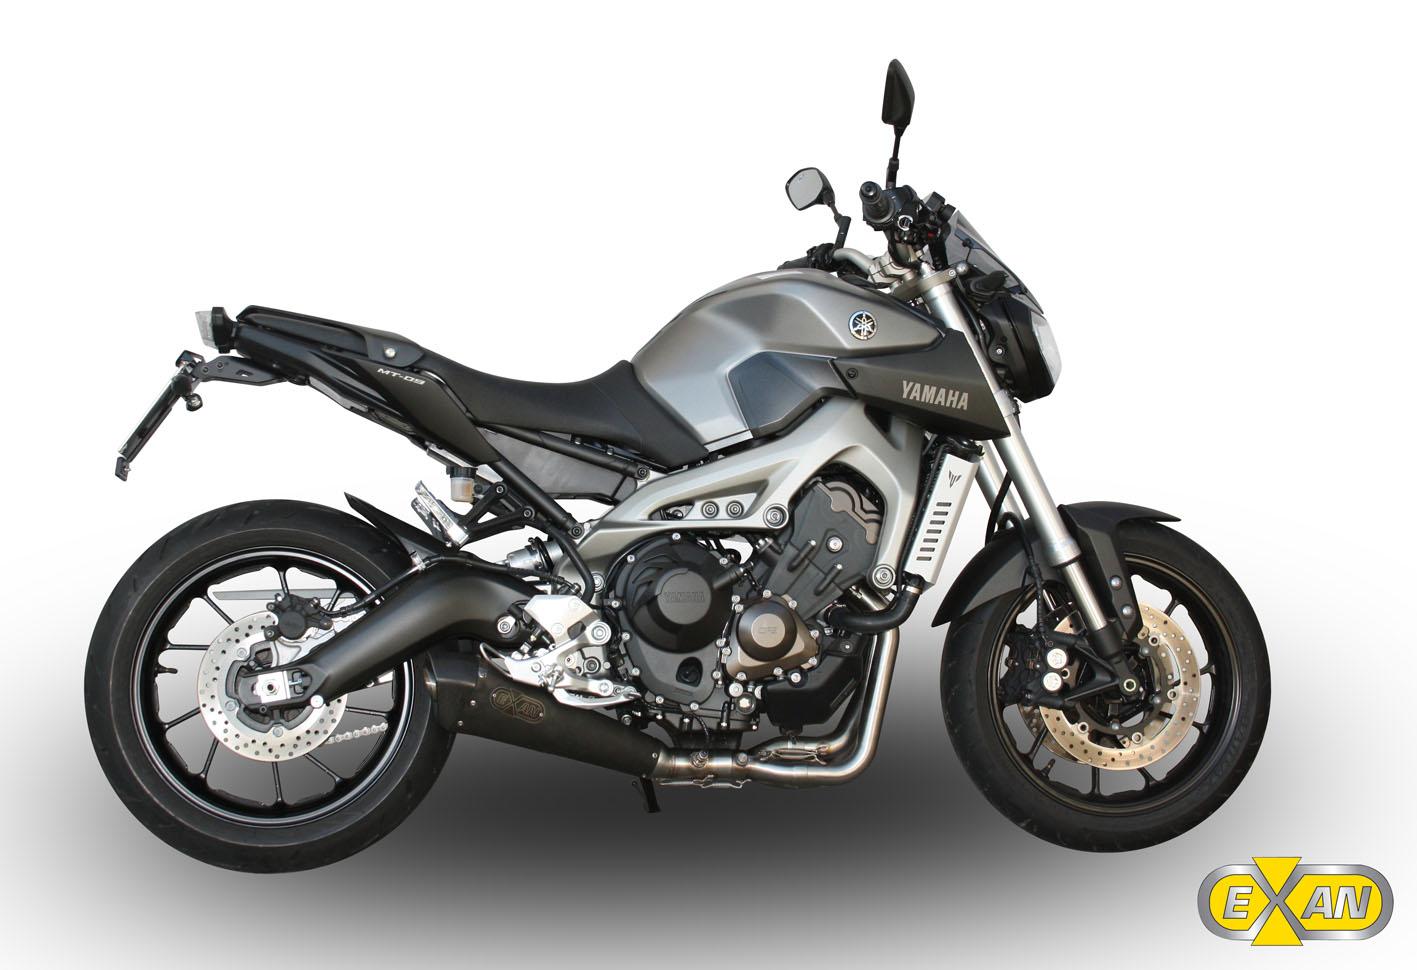 Exan per Yamaha MT-09